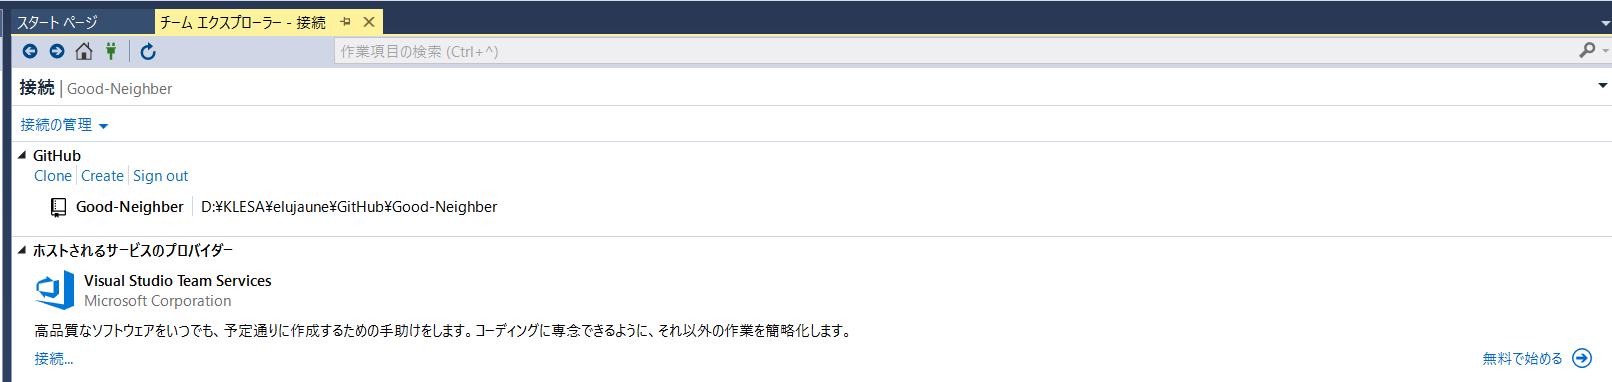 Screenshot_NoName_2018-4-3_4-40-50_No-00.png